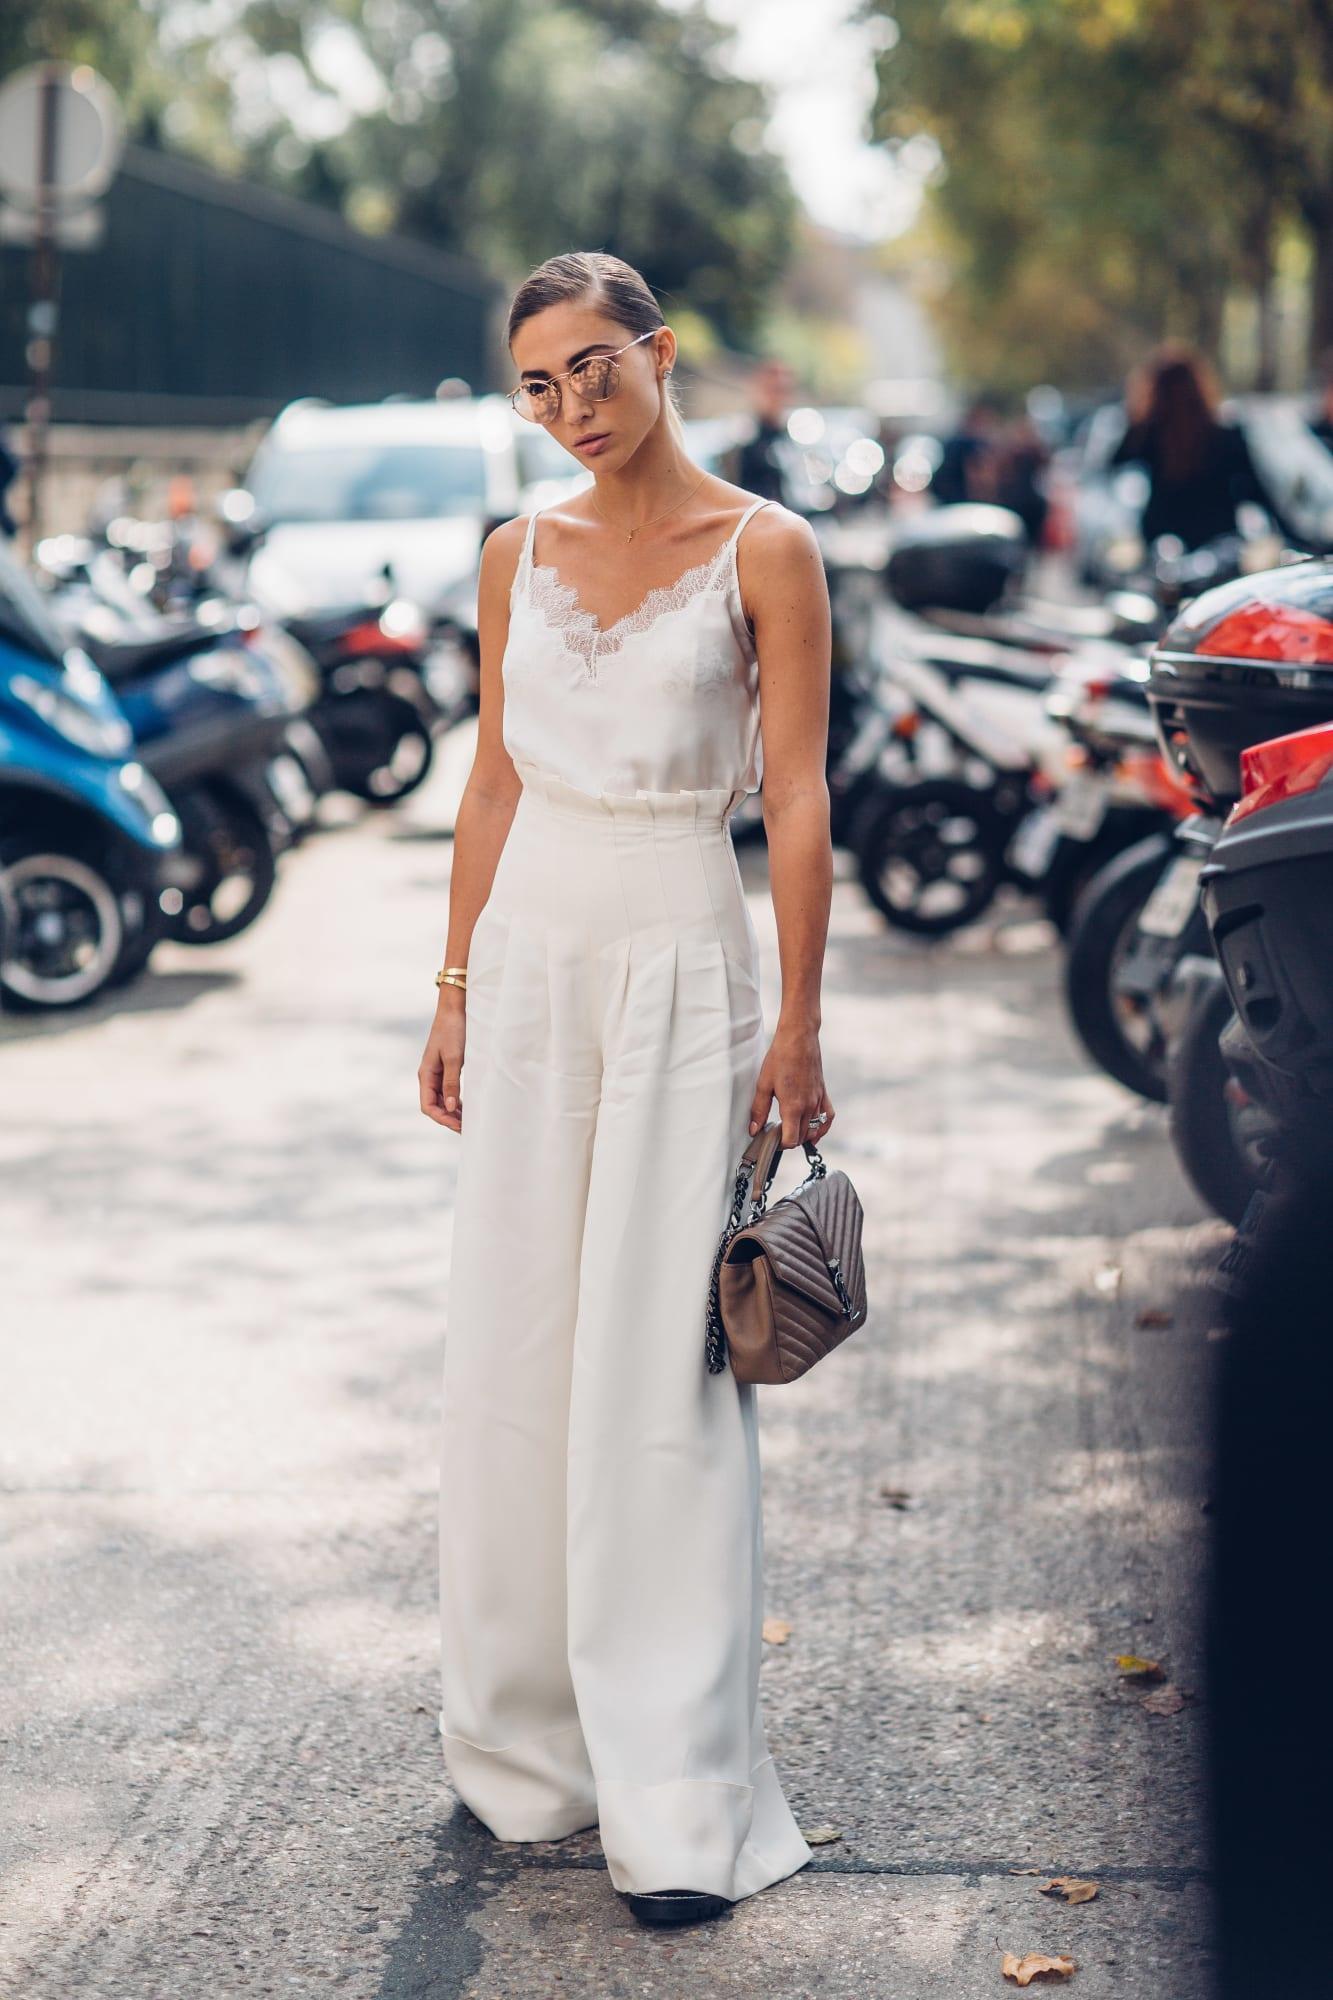 Quần tây nữ và áo camisole màu trắng